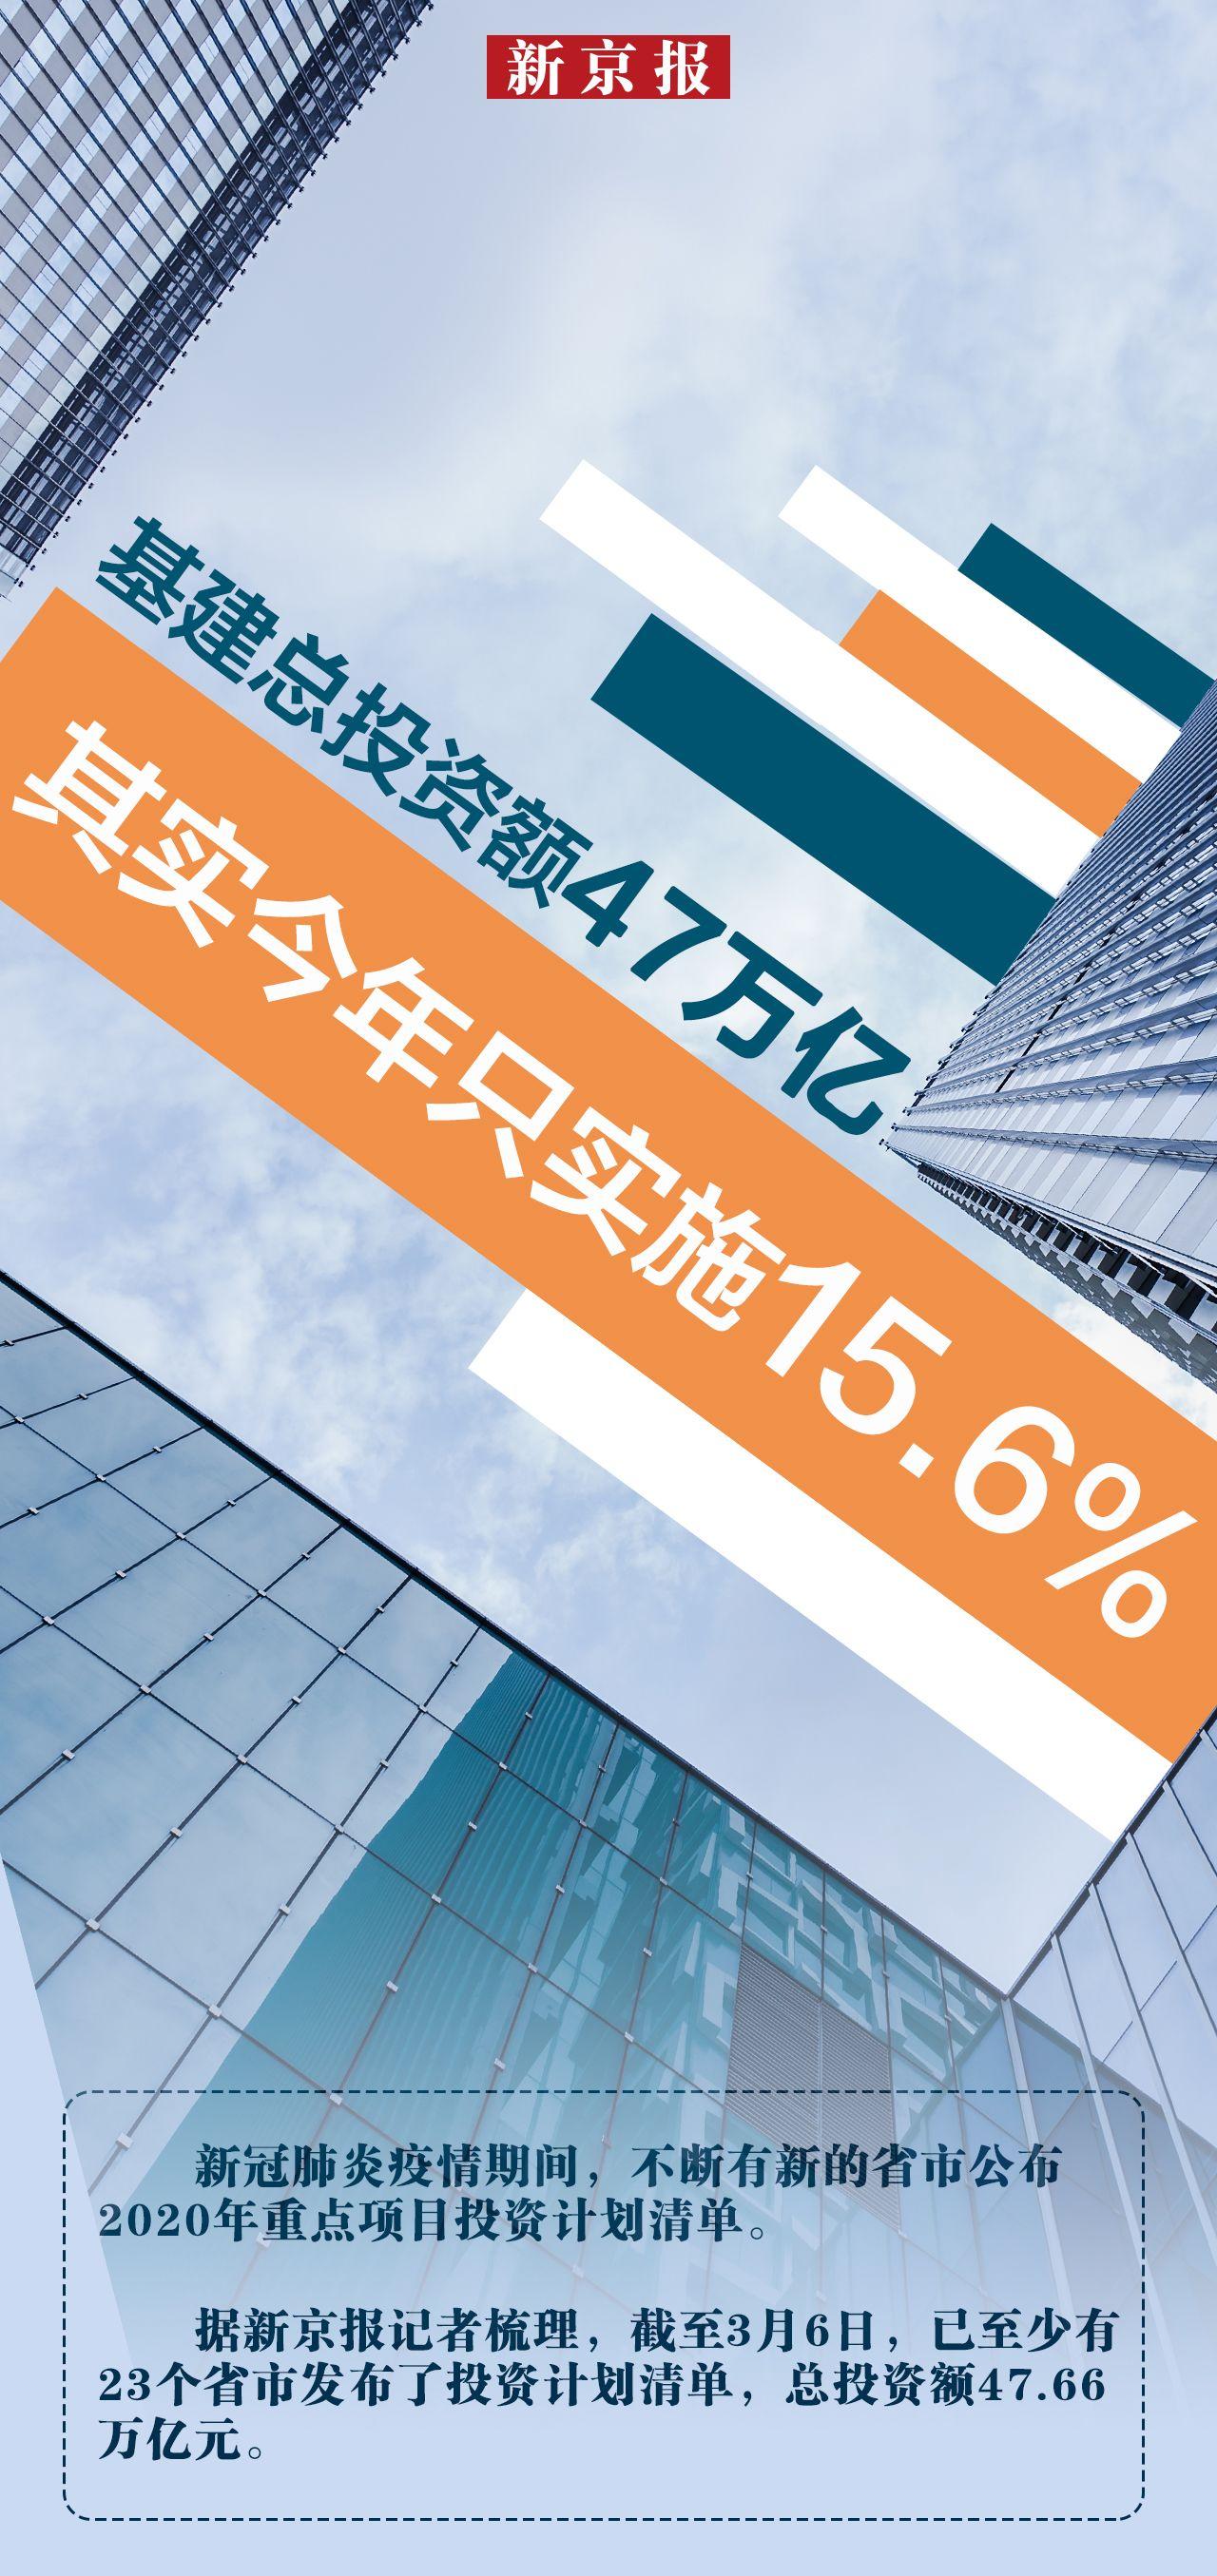 基建总投资额超47万亿 其实今年只实施15.6%图片